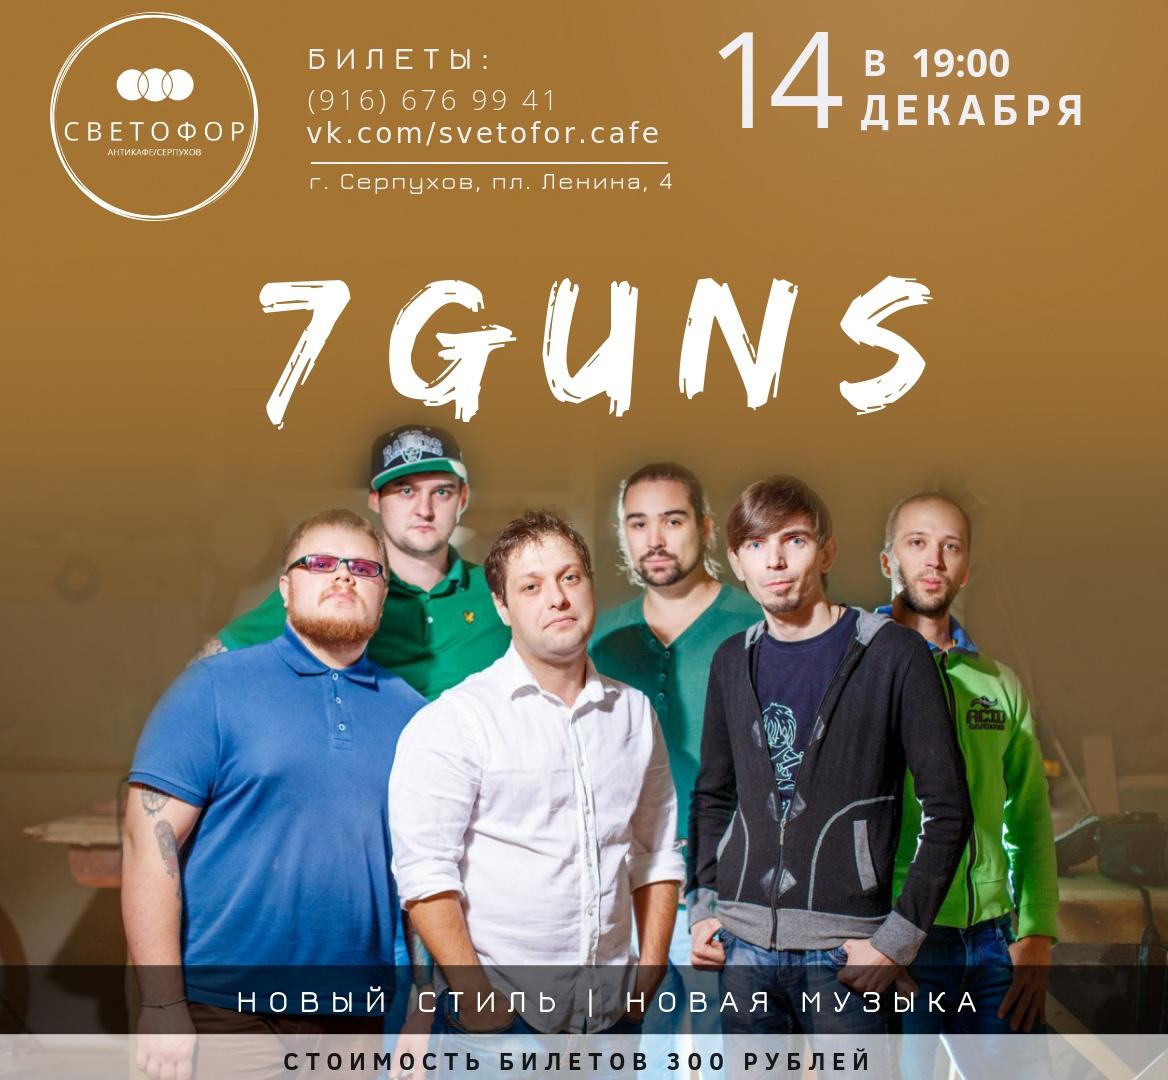 Афиша Серпухов 7GunS * Необычный Концерт в Антикафе Светофор